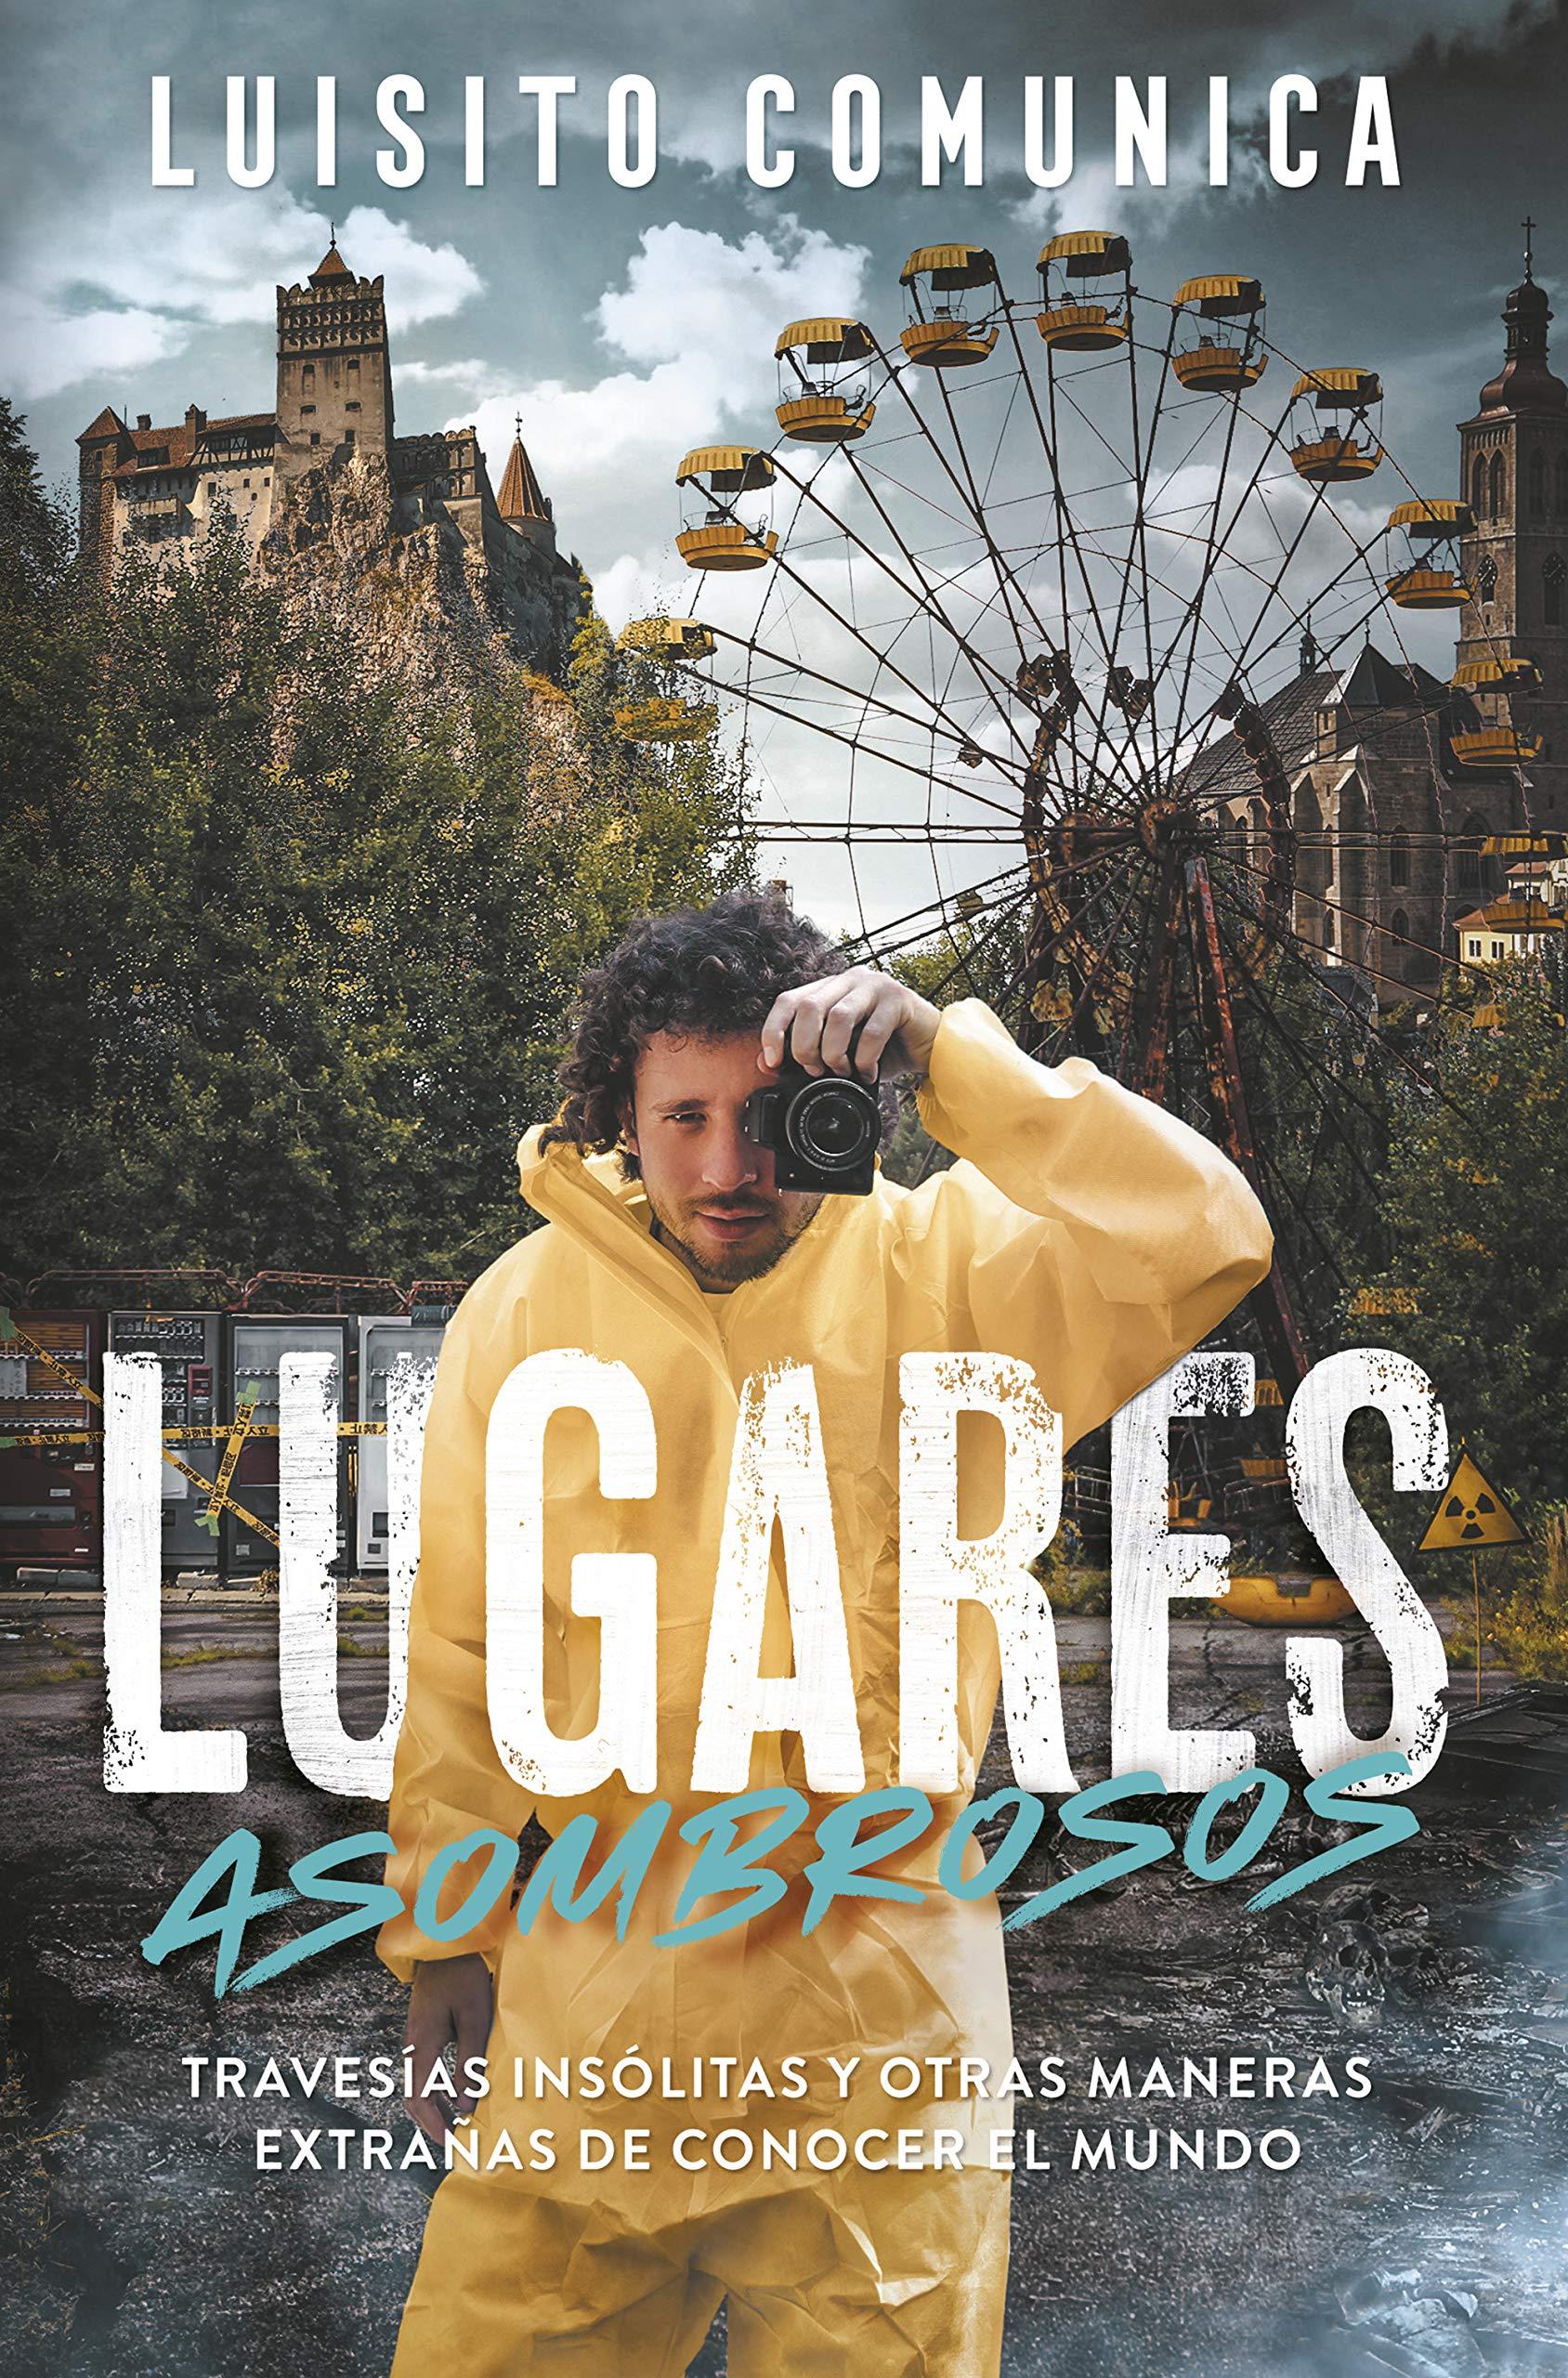 Lugares asombrosos: Travesías insólitas y otras maneras extrañas de conocer el mundo Sin límites: Amazon.es: Villar (Luisito Comunica), Luis: Libros